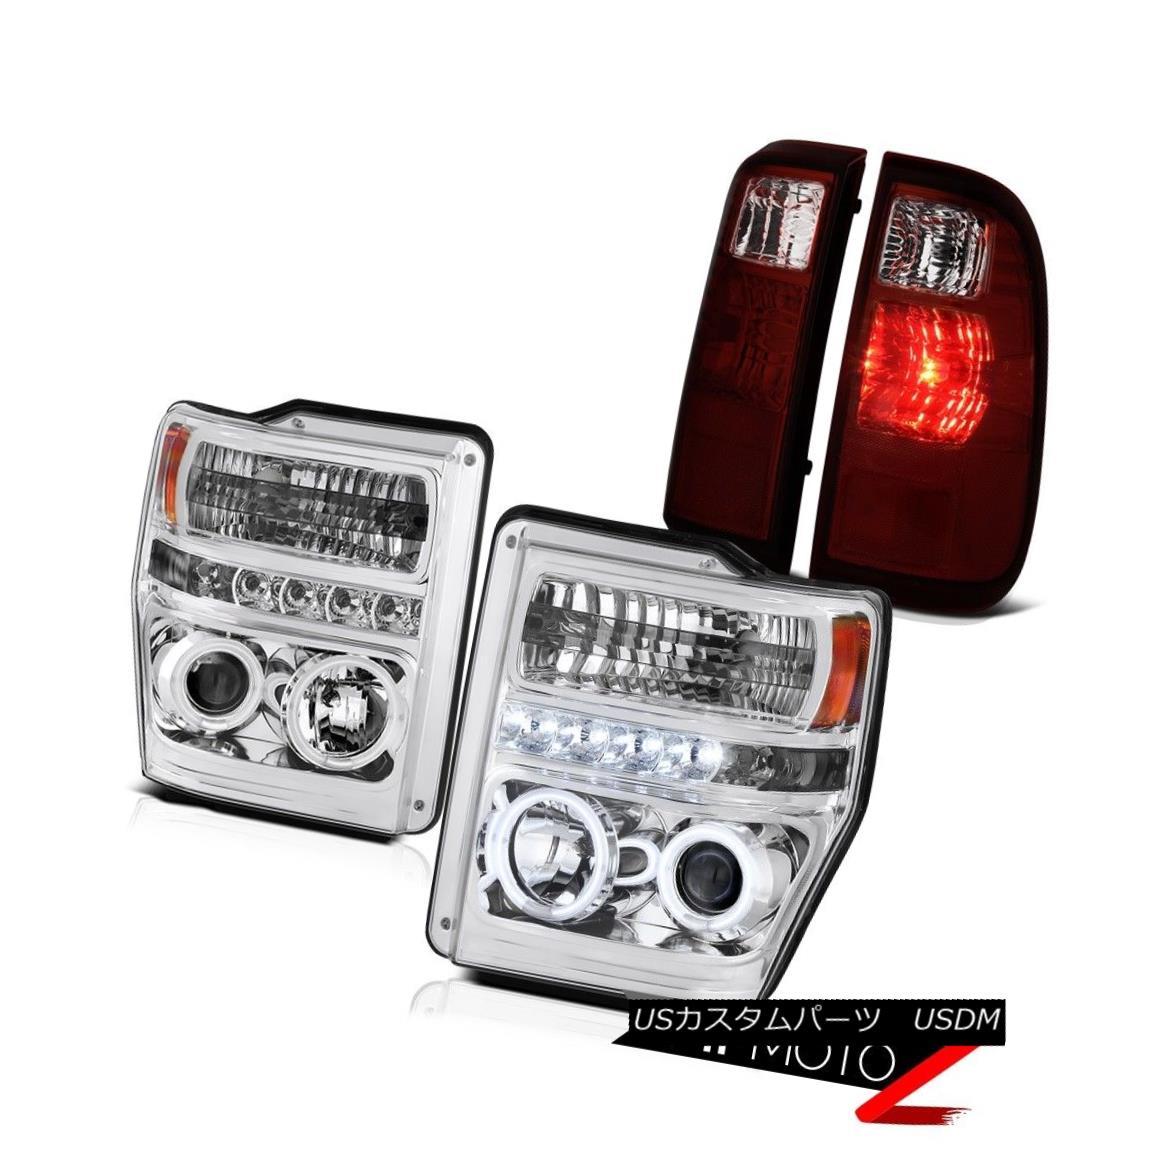 ヘッドライト 2008-2010 F250 F350 King Ranch Projector Headlight CCFL Angel Eye LED Tail Light 2008-2010 F250 F350キングランチプロジェクターヘッドライトCCFLエンジェルアイLEDテールライト